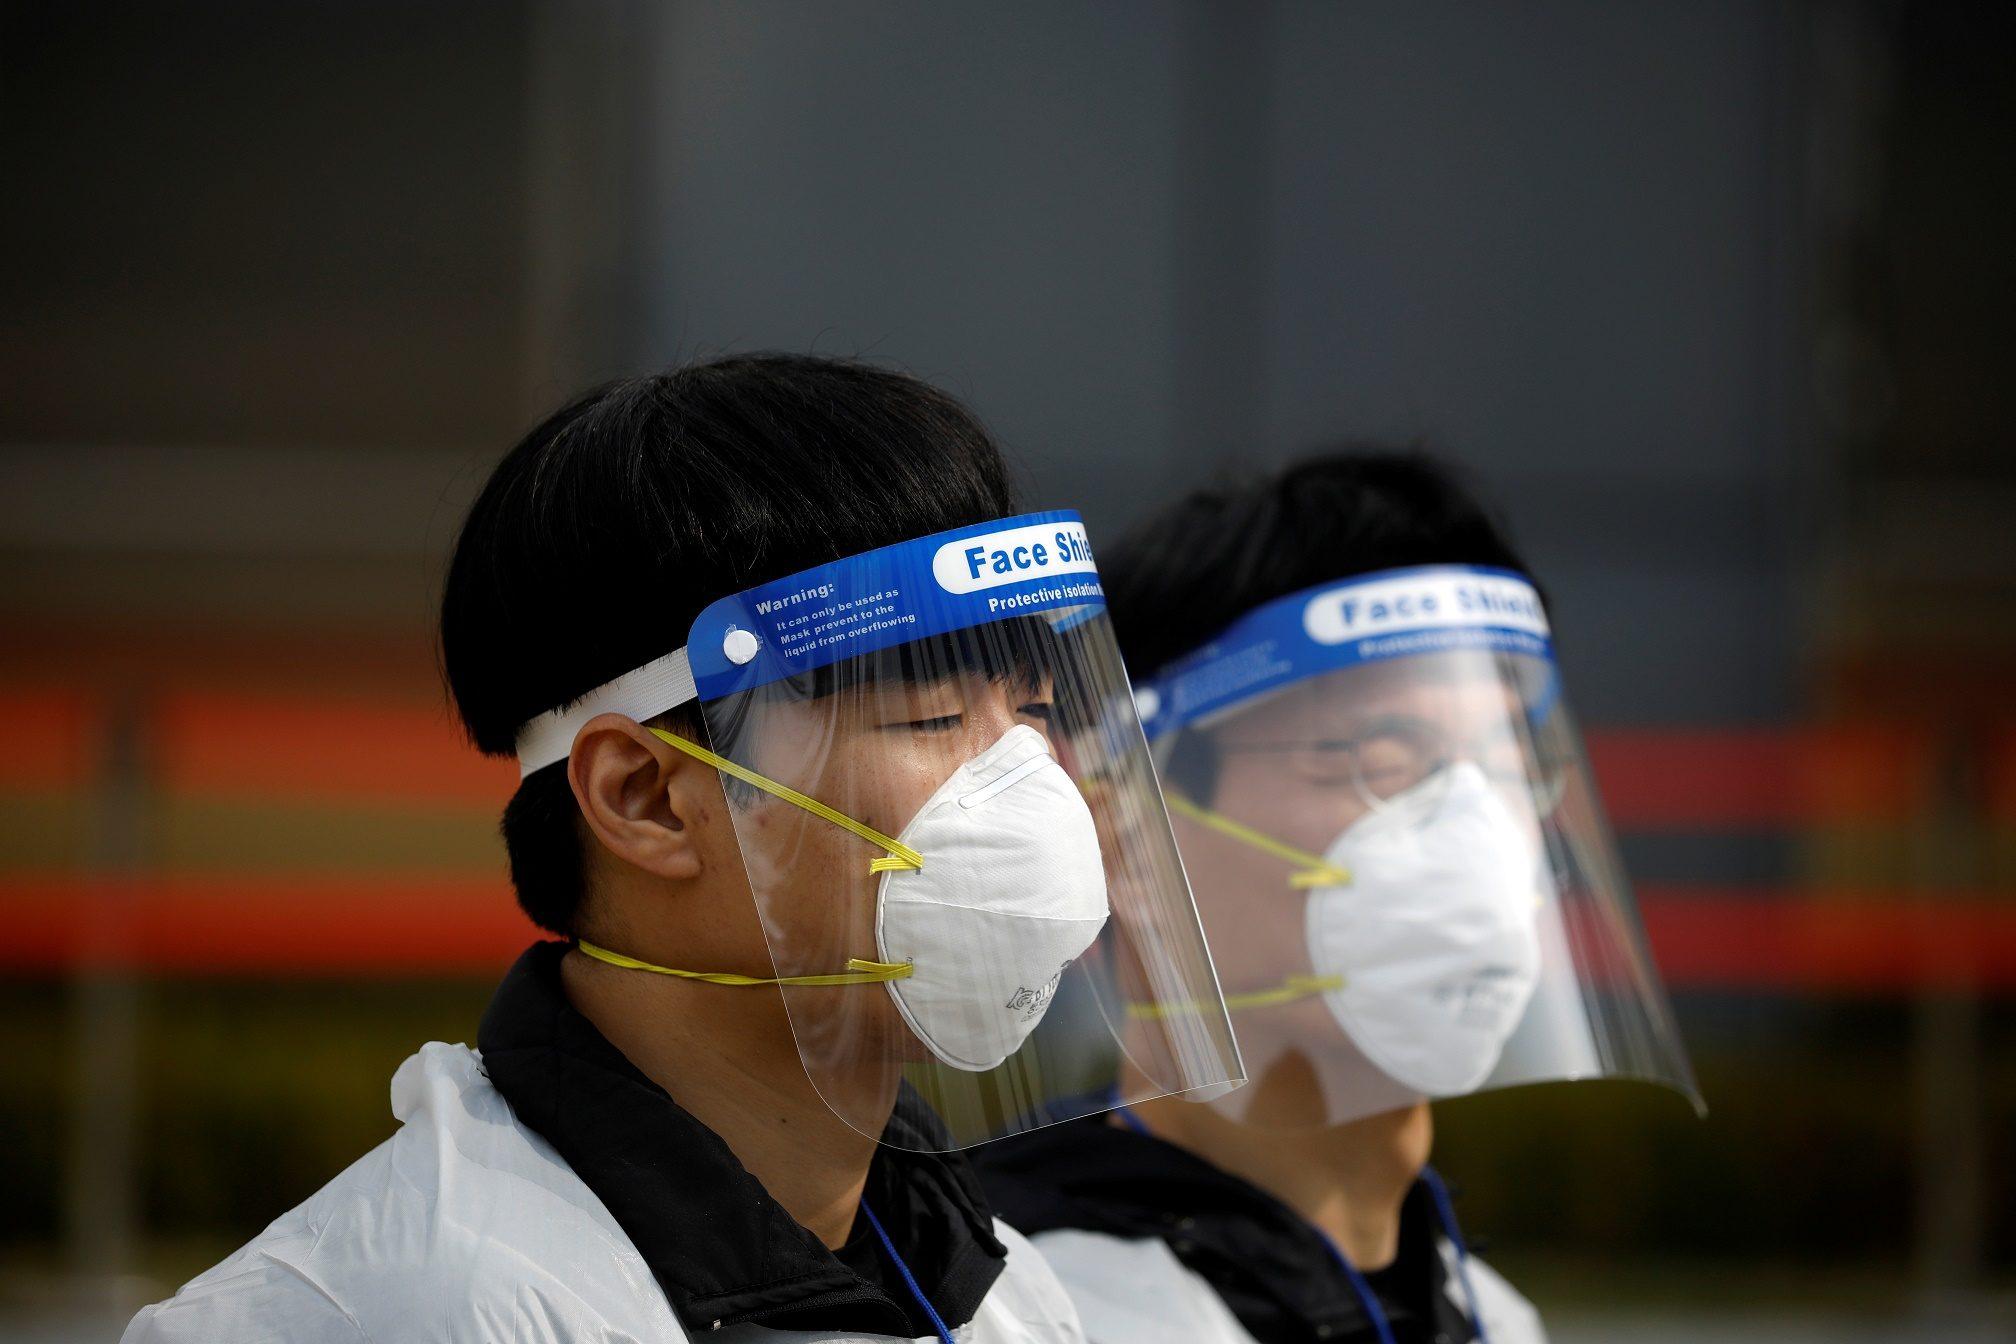 """""""เกาหลีใต้"""" งง! พบผู้ป่วยหายแล้วตรวจพบเชื้อโควิด-19 อีกนับร้อย"""